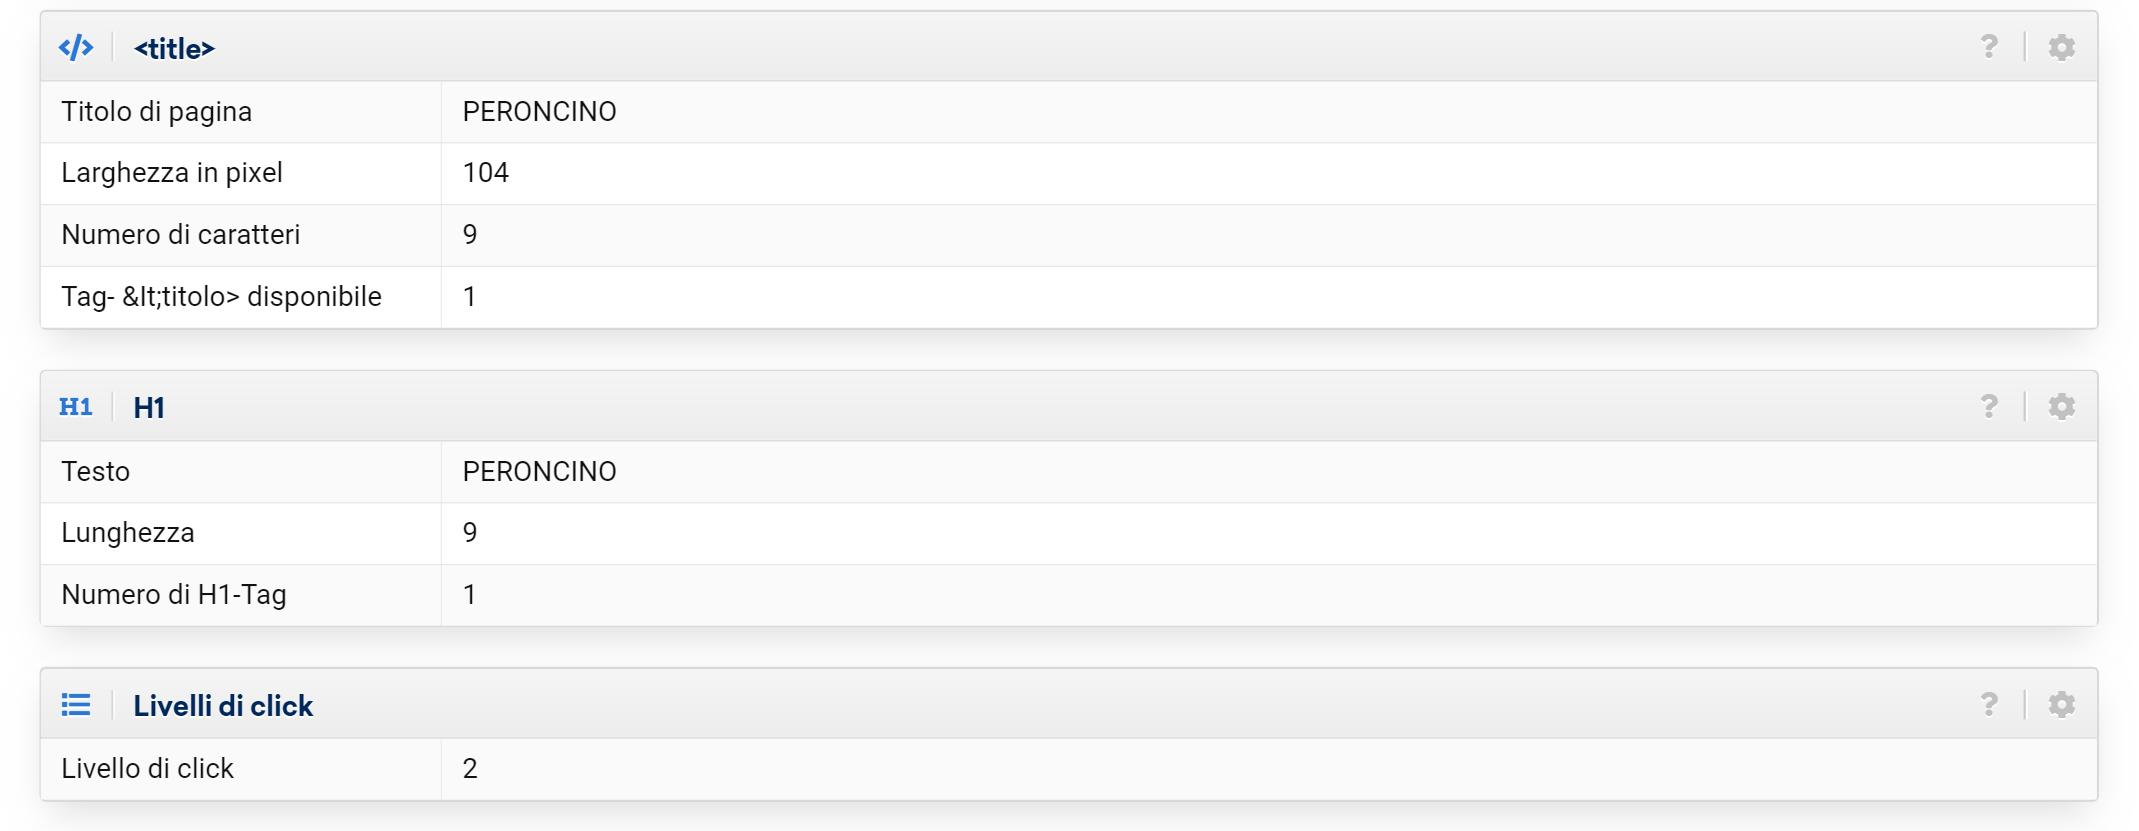 elementi tile, h1 e livelli di click